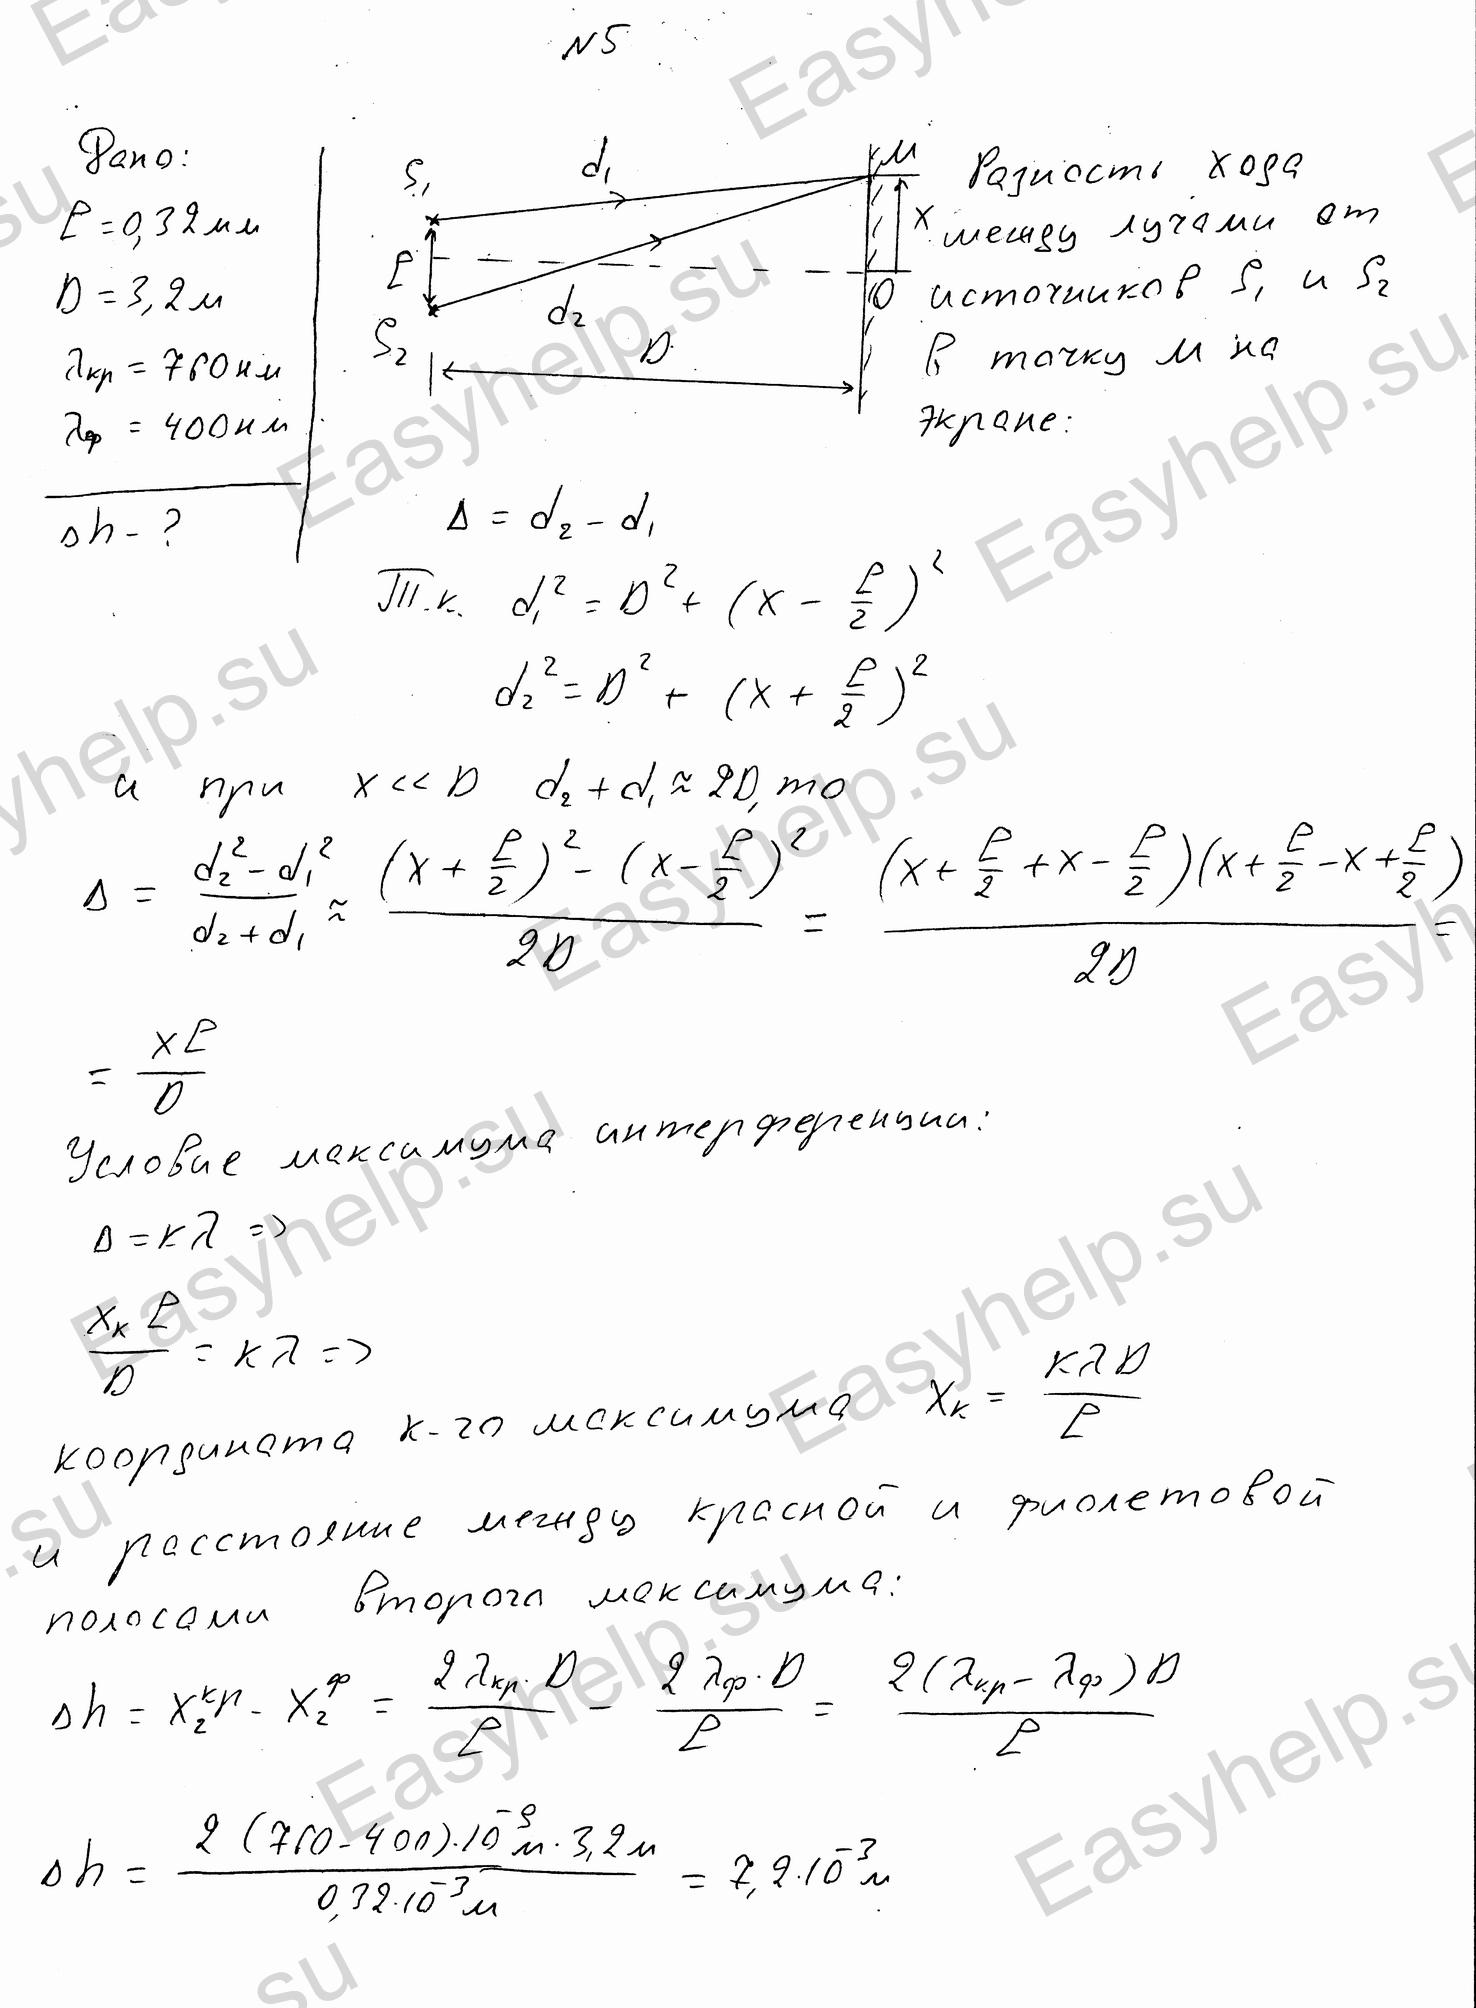 Решение к задача по интерференции света решения задач на вероятность